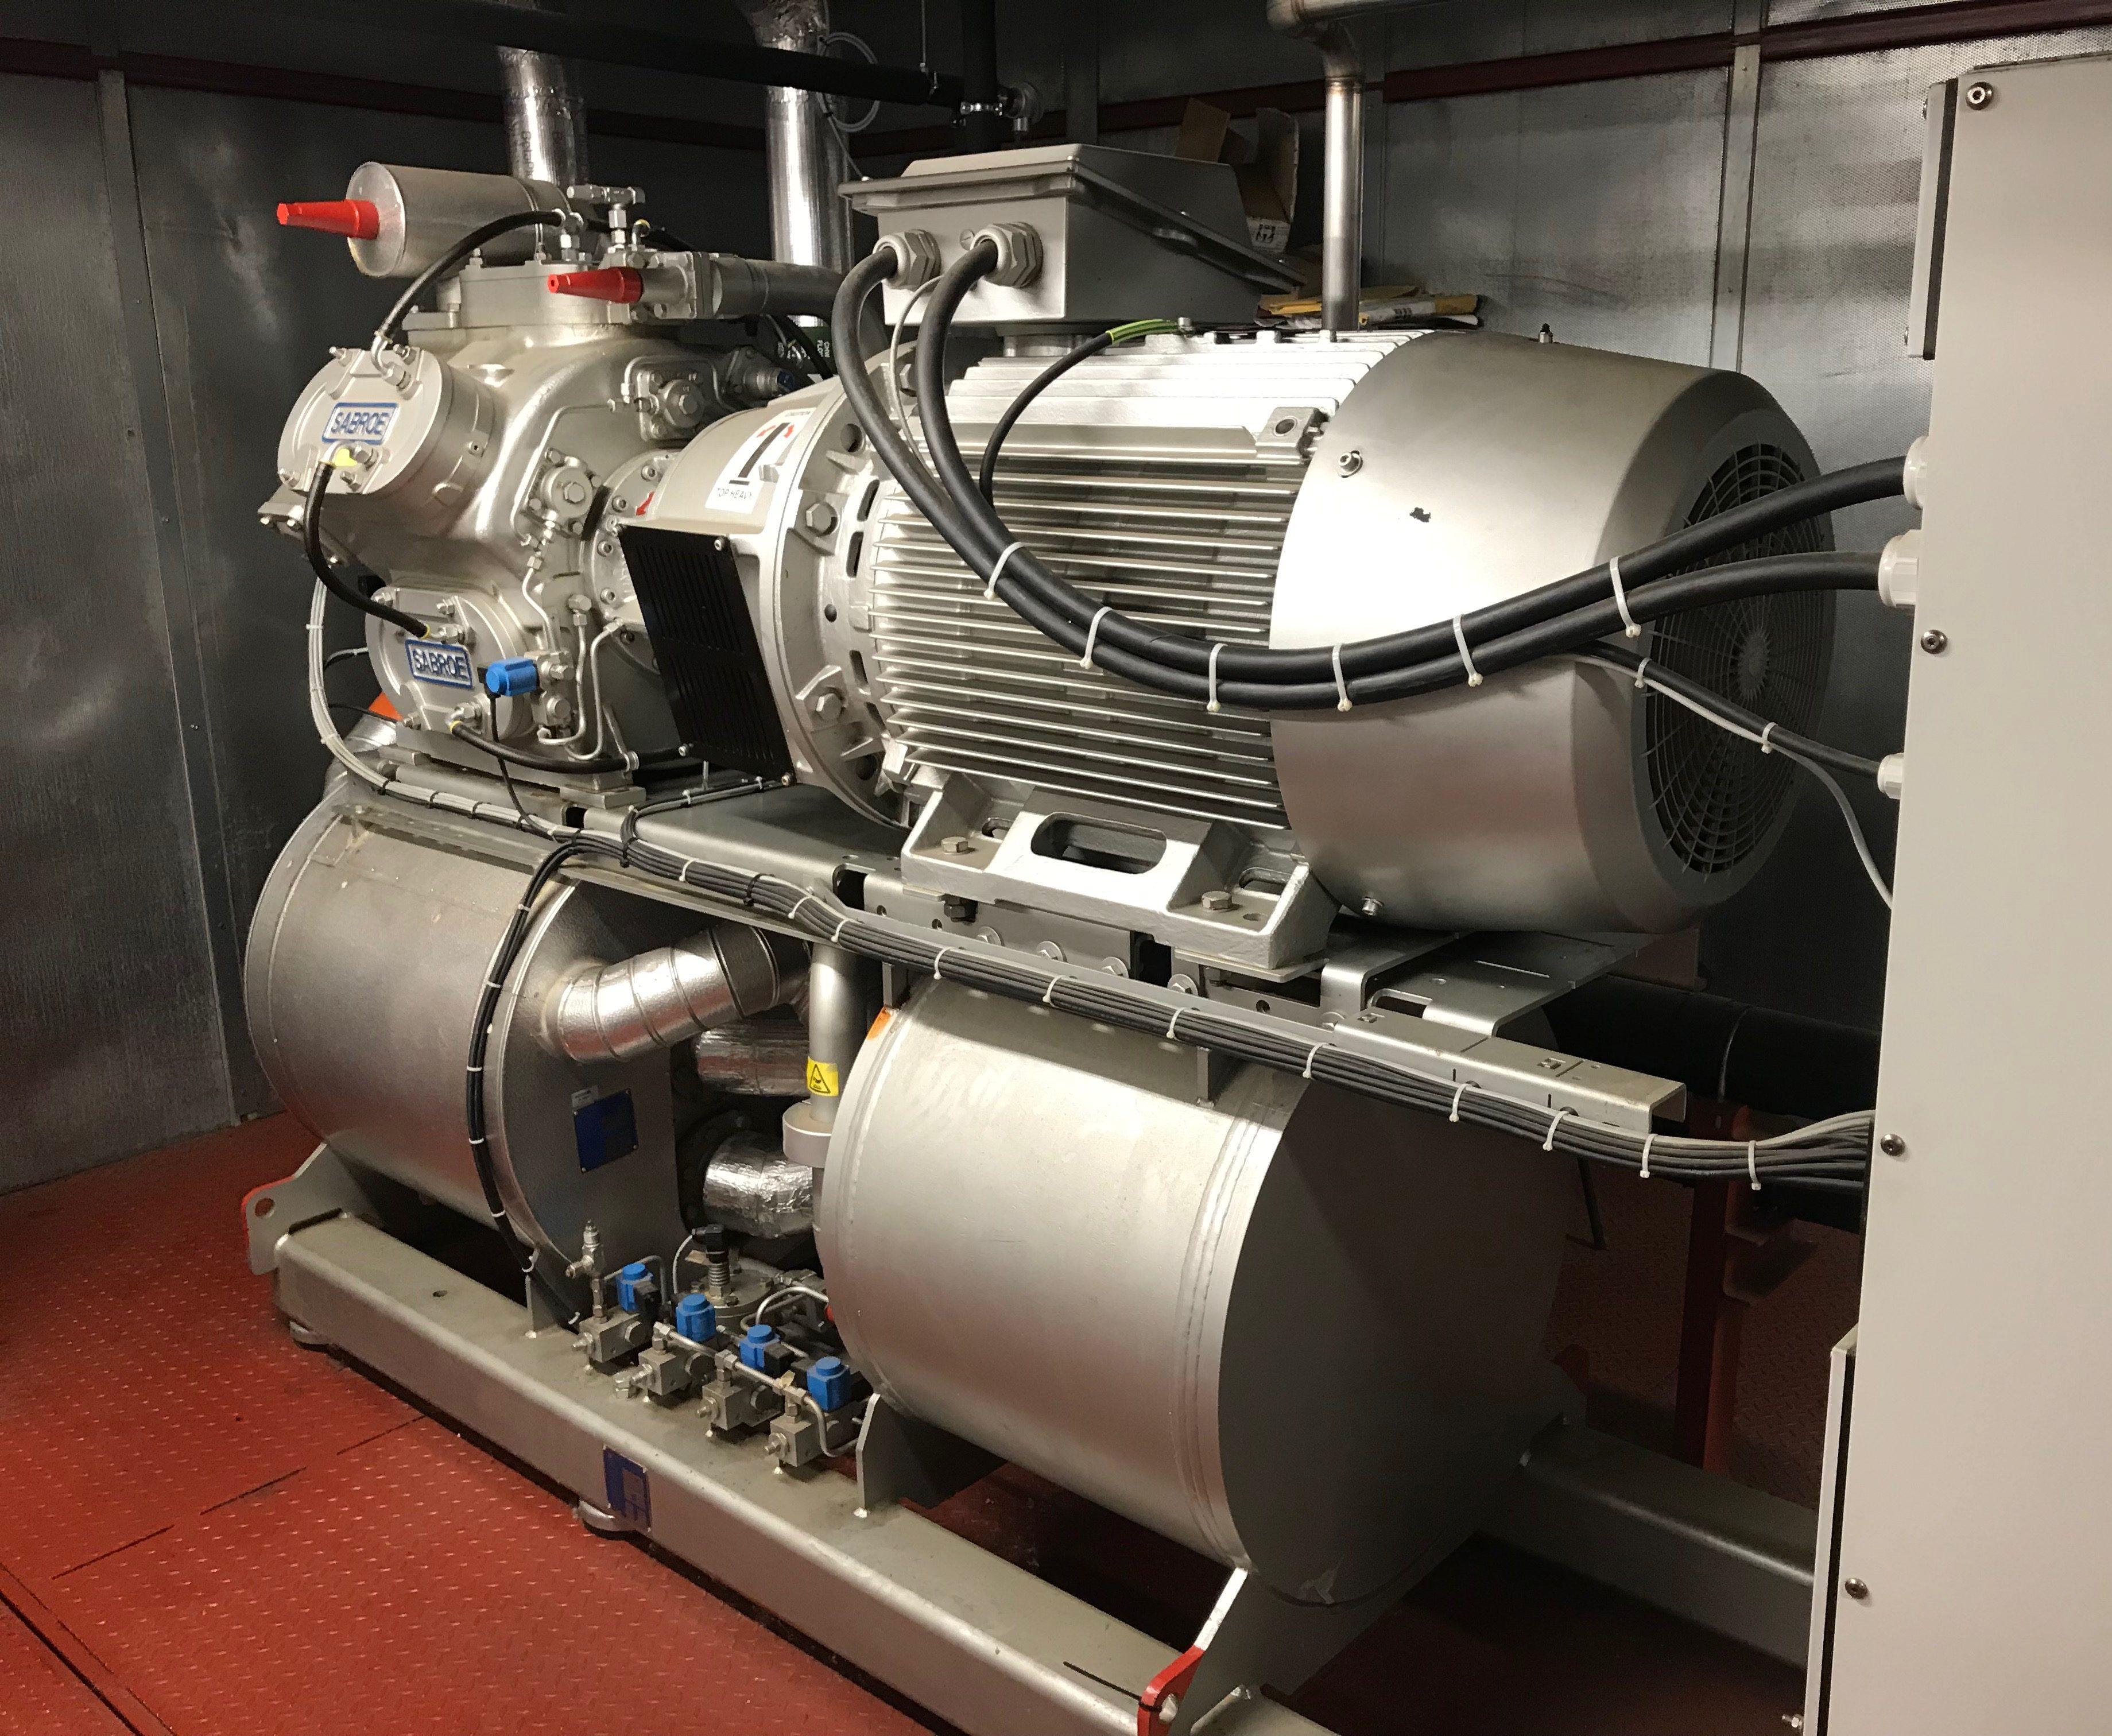 Una planta de frio industrial de color plata con cables conectados al panel de arranque